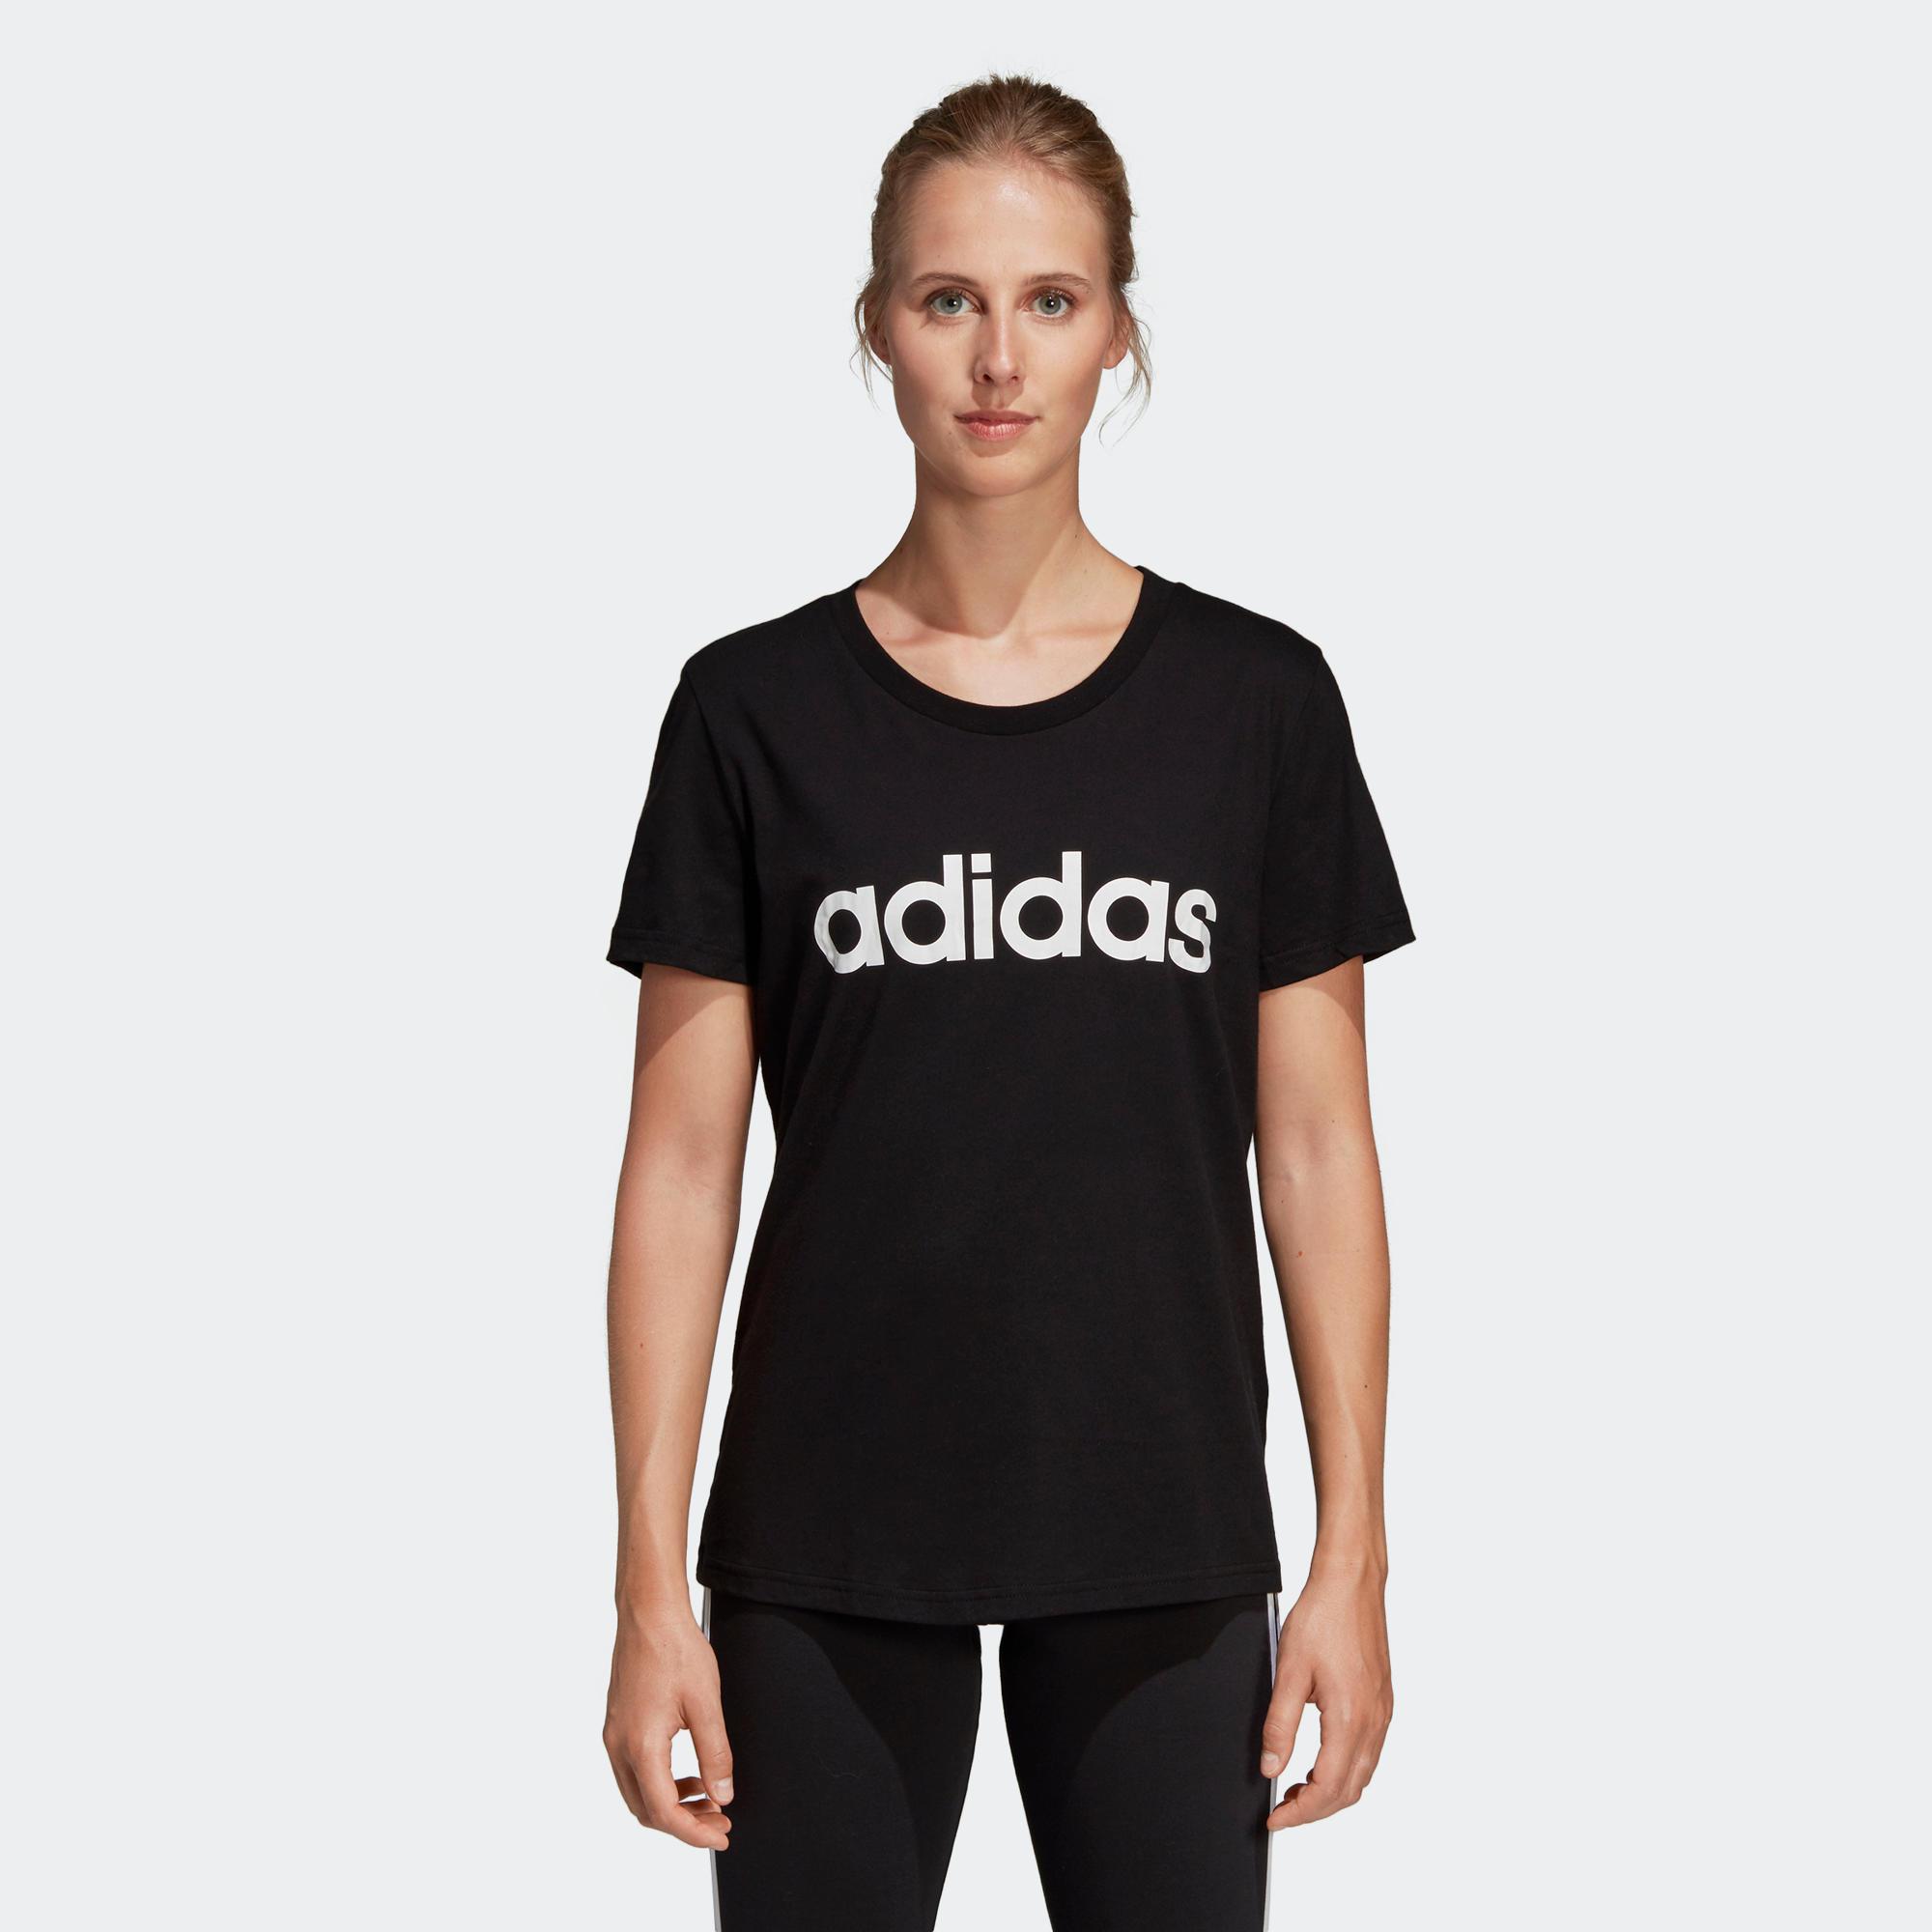 compañera de clases tornillo Constitución  decathlon camiseta adidas - Tienda Online de Zapatos, Ropa y Complementos  de marca